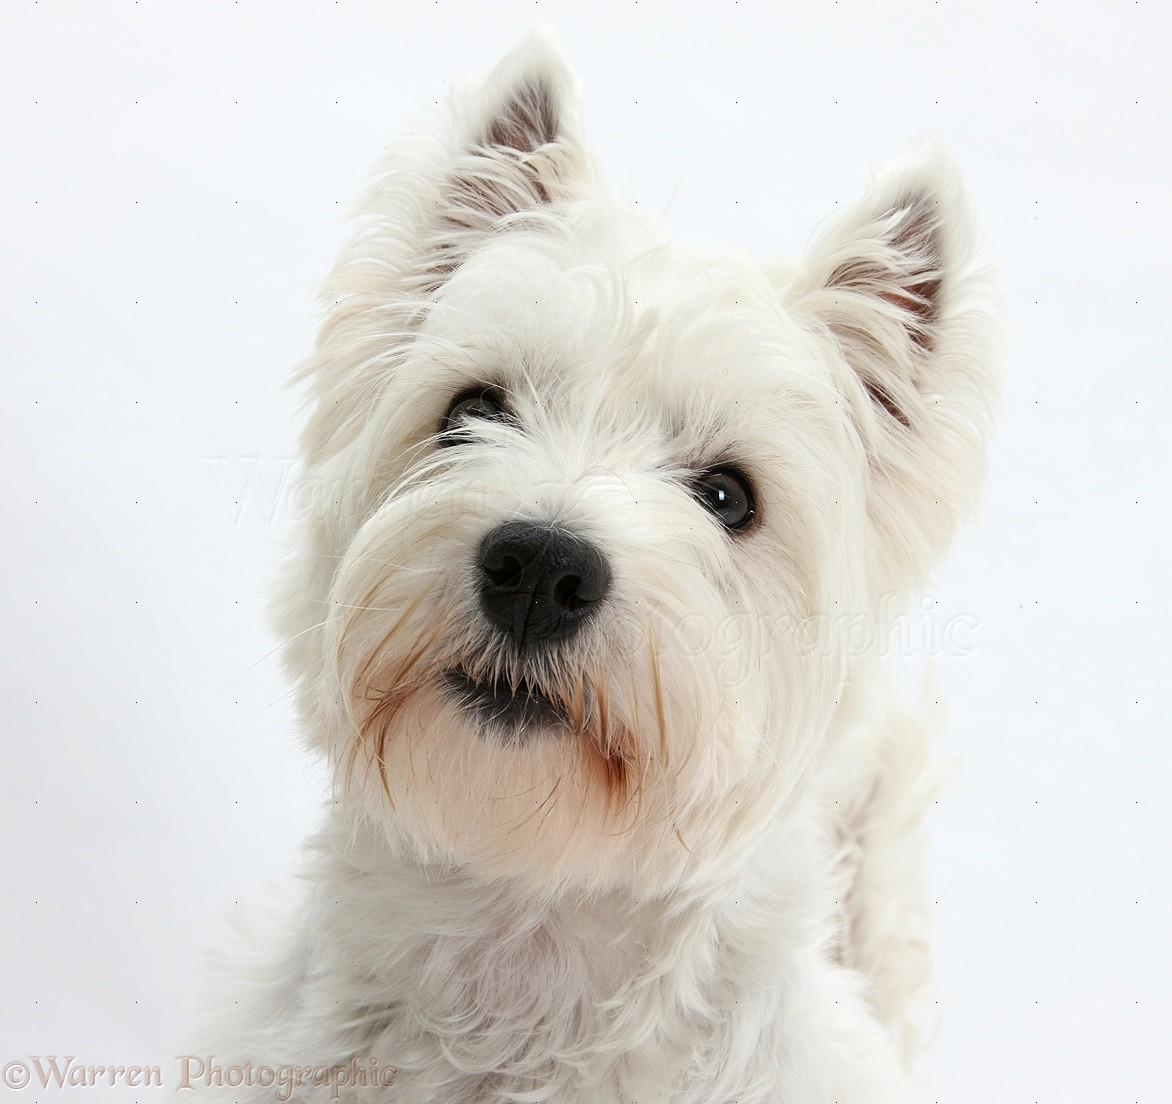 Dog Westie Portrait Photo WP20796